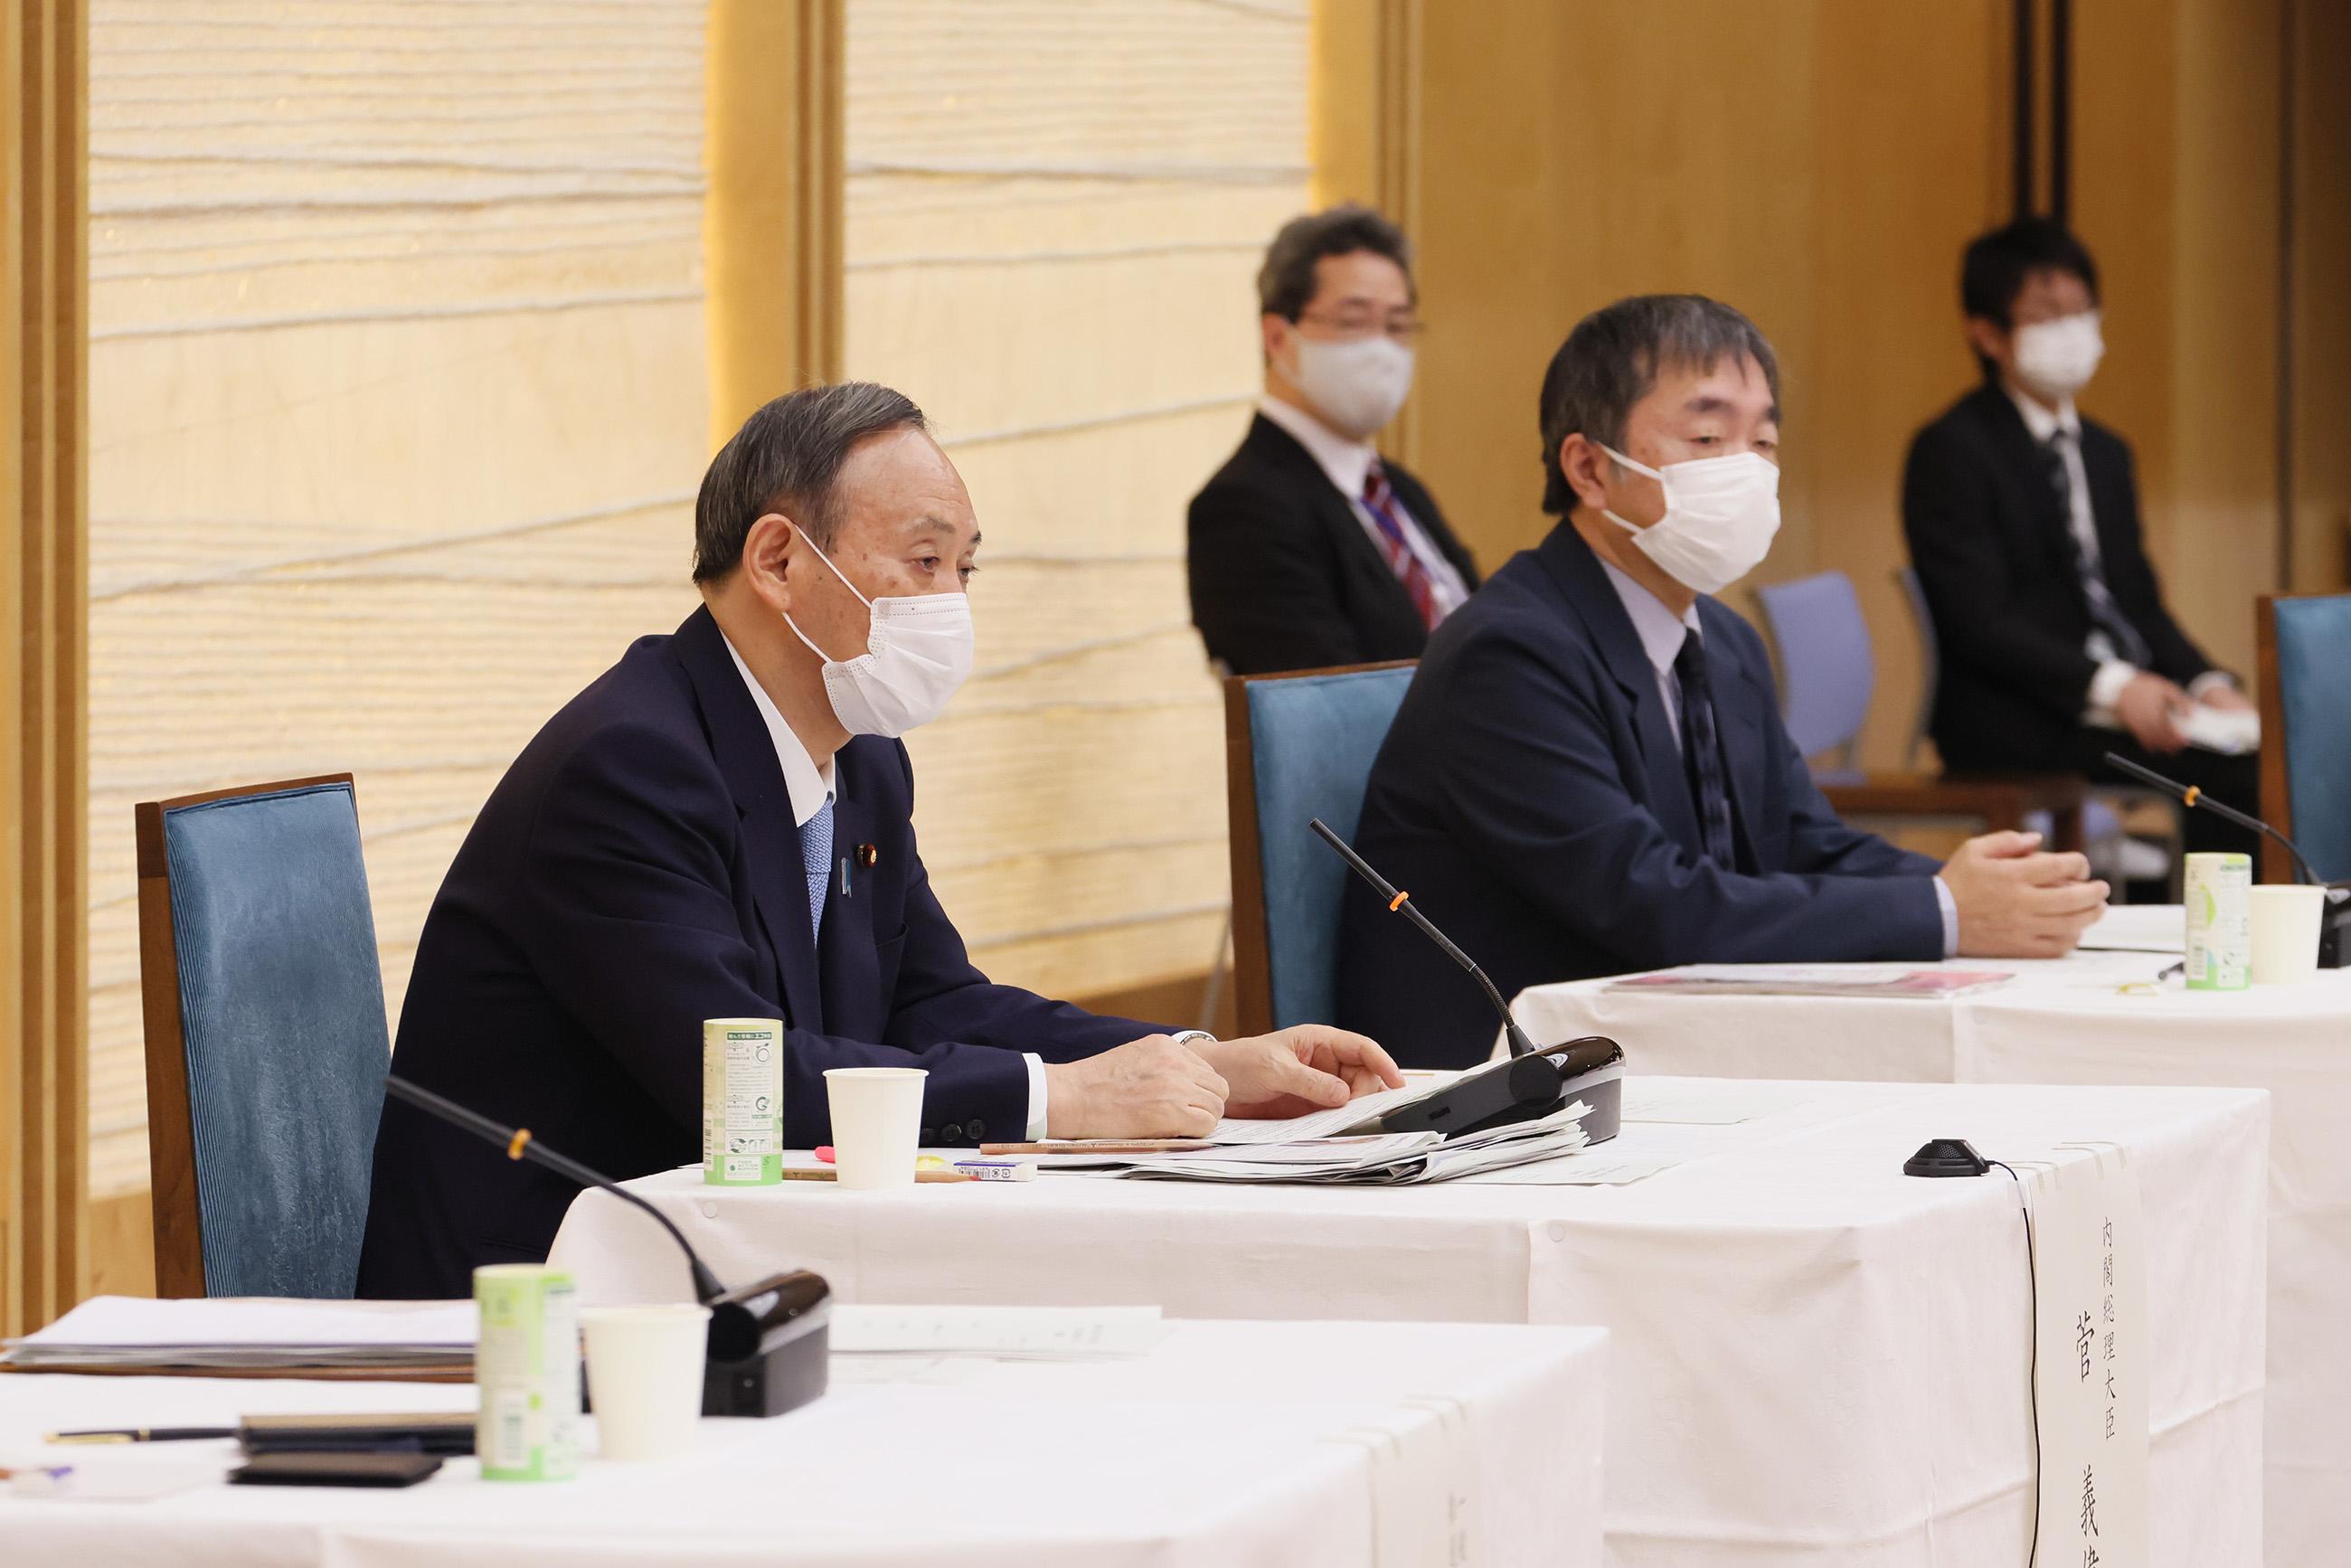 菅総理は孤独・孤立を防ぎ、不安に寄り添い、つながるための緊急フォーラムに出席しました